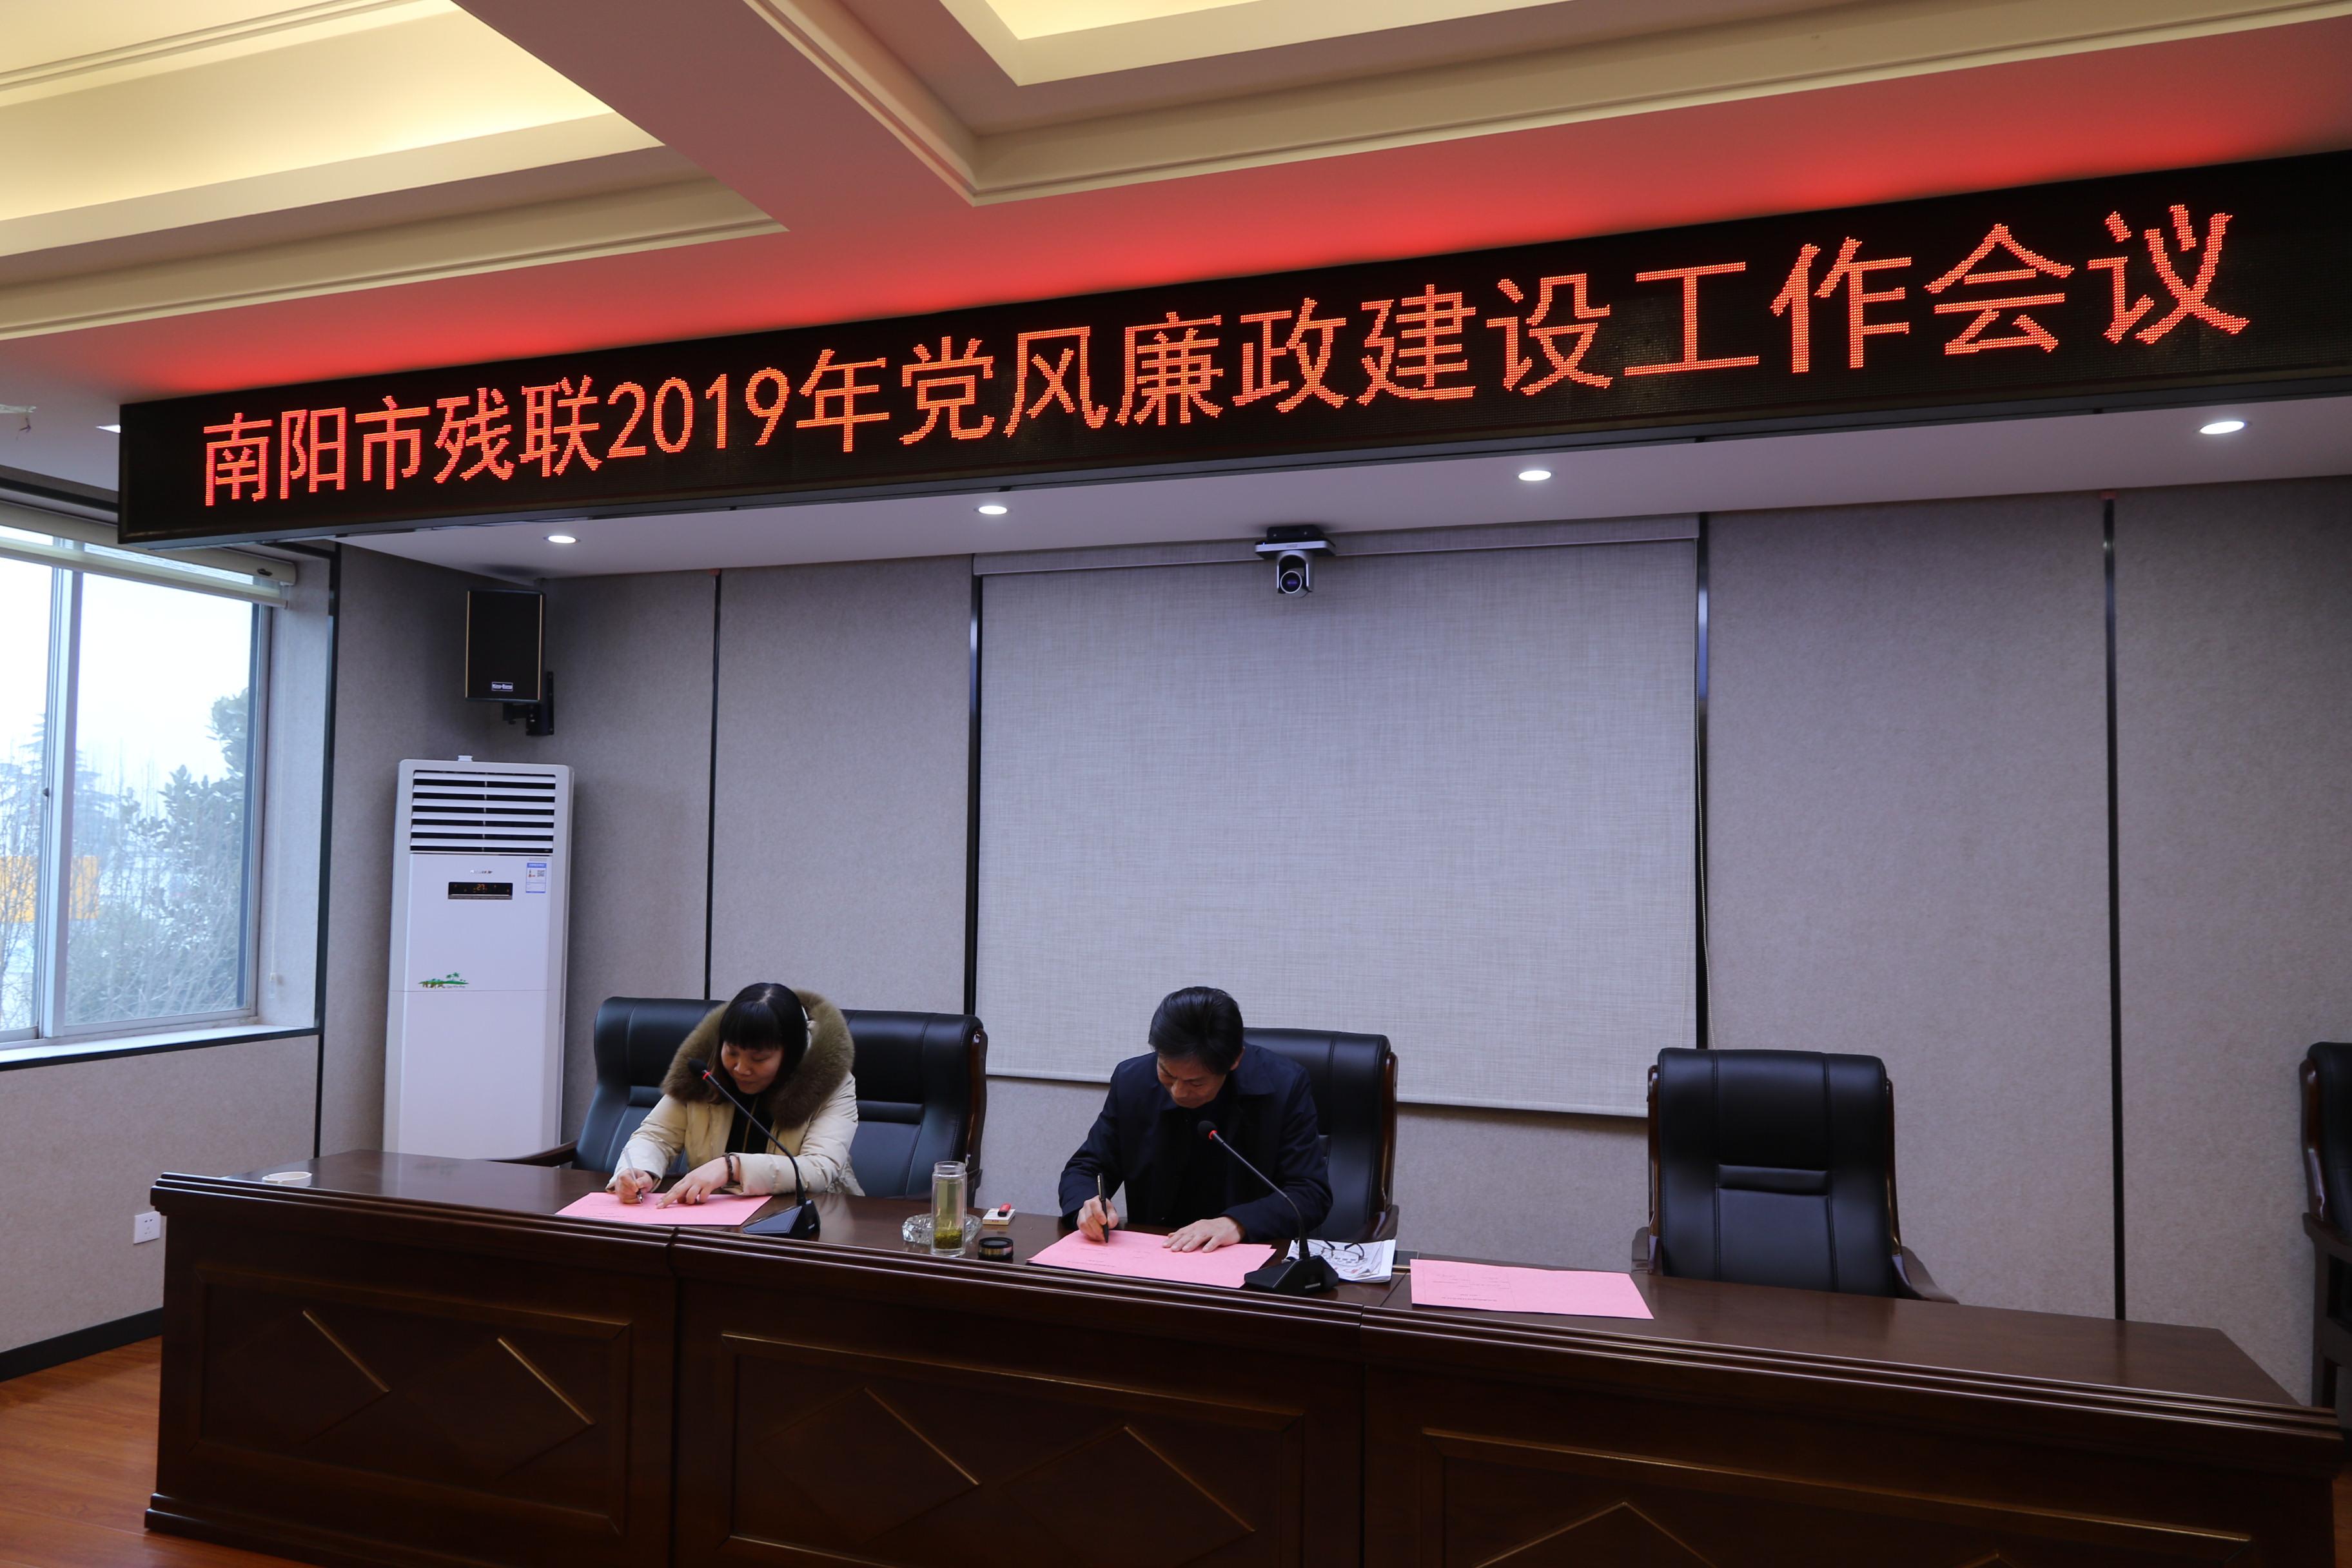 市残联召开2019年党风廉政建设工作会议